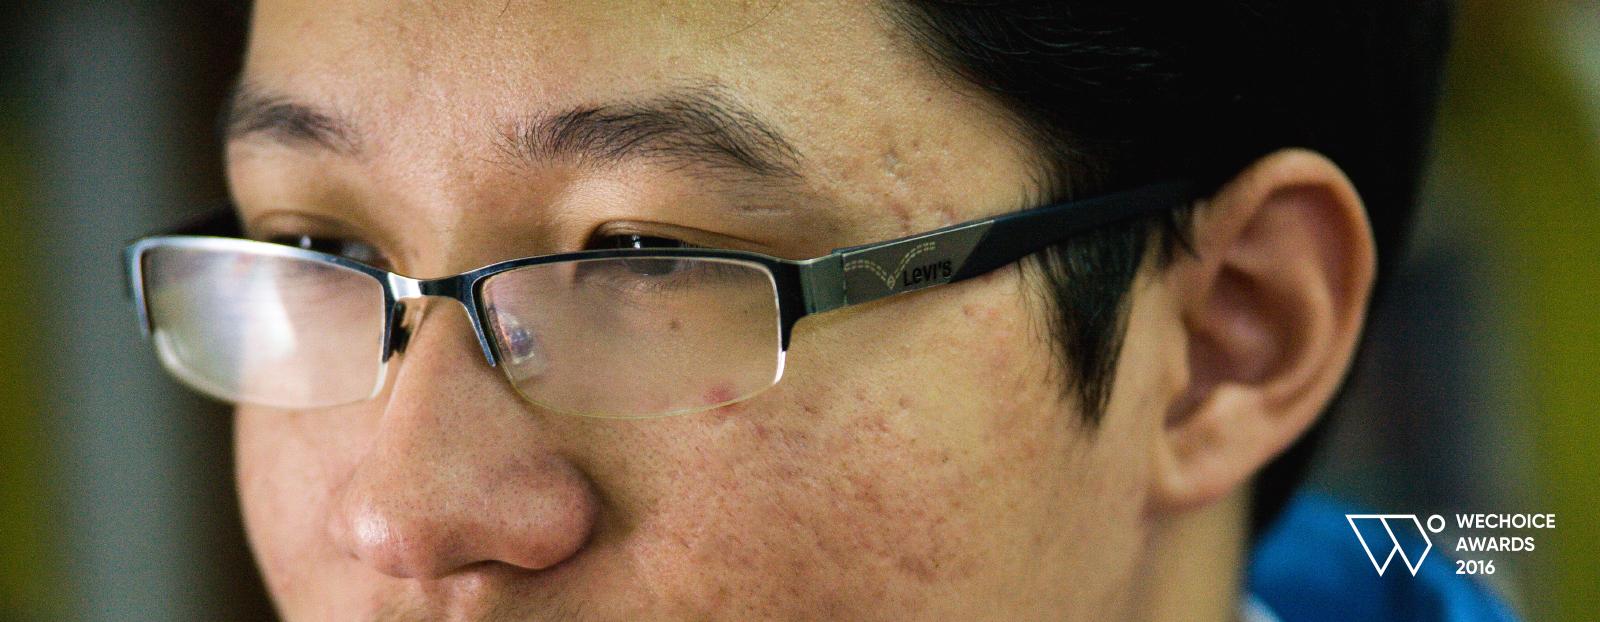 Phan Đăng Nhật Minh - Cậu bé thần đồng với trí nhớ thiên phú và giấc mơ được làm người bình thường - Ảnh 7.